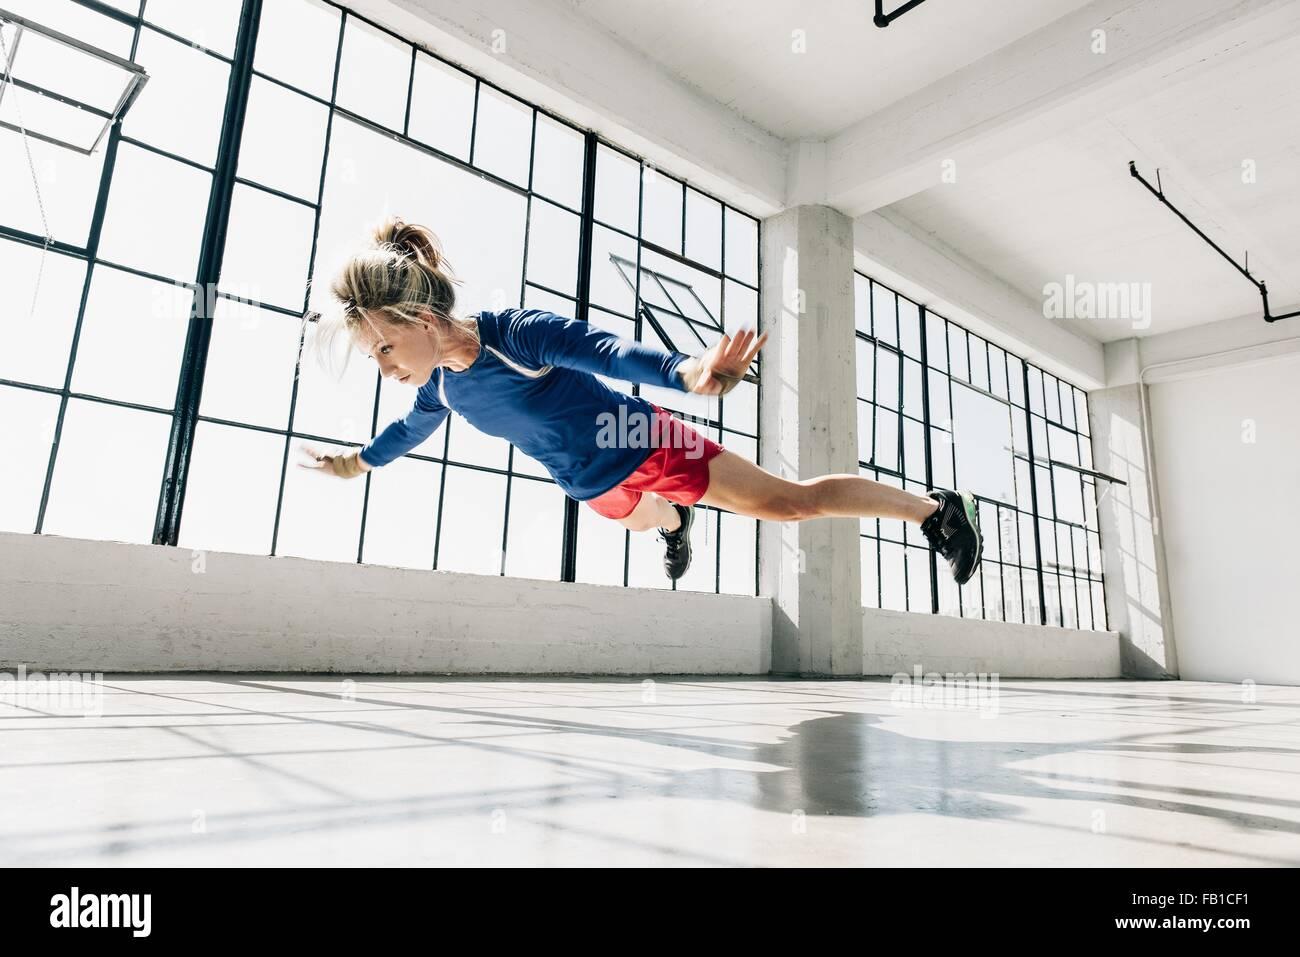 Basso angolo vista della giovane donna in palestra facendo metà aria spingere in alto Immagini Stock